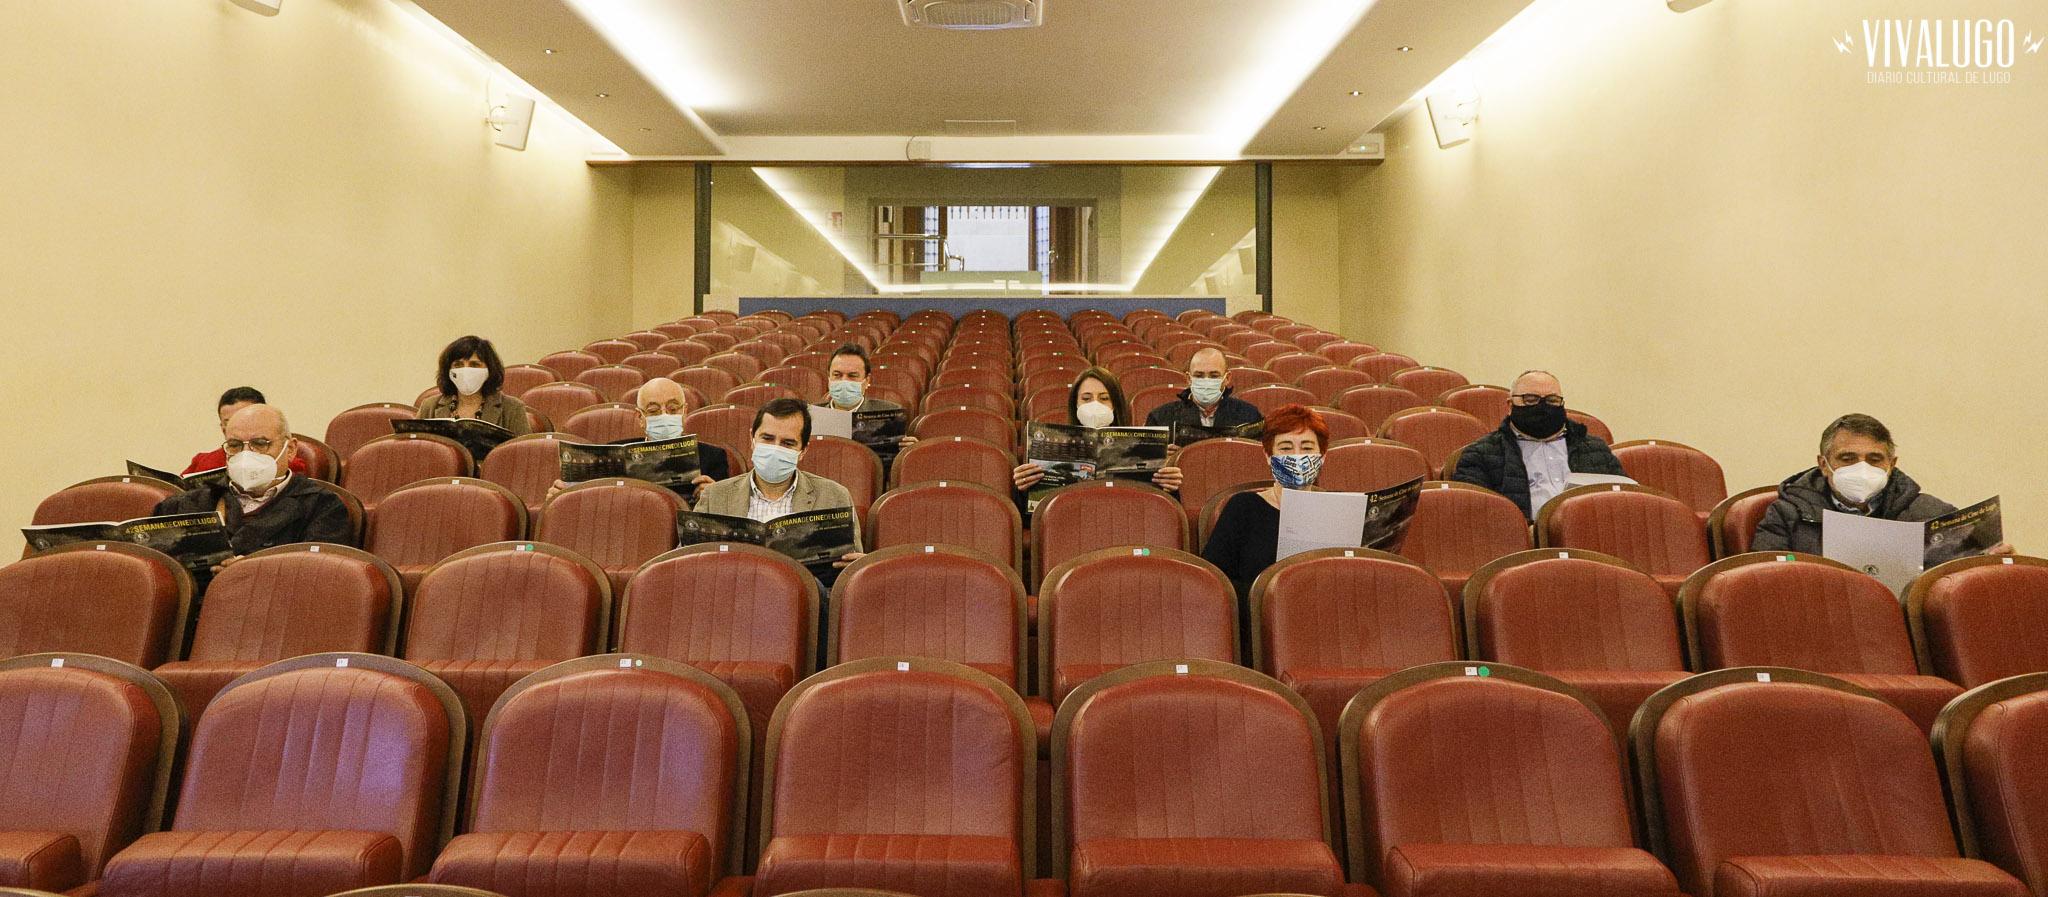 Programa da 42 Semana de Cine de Lugo